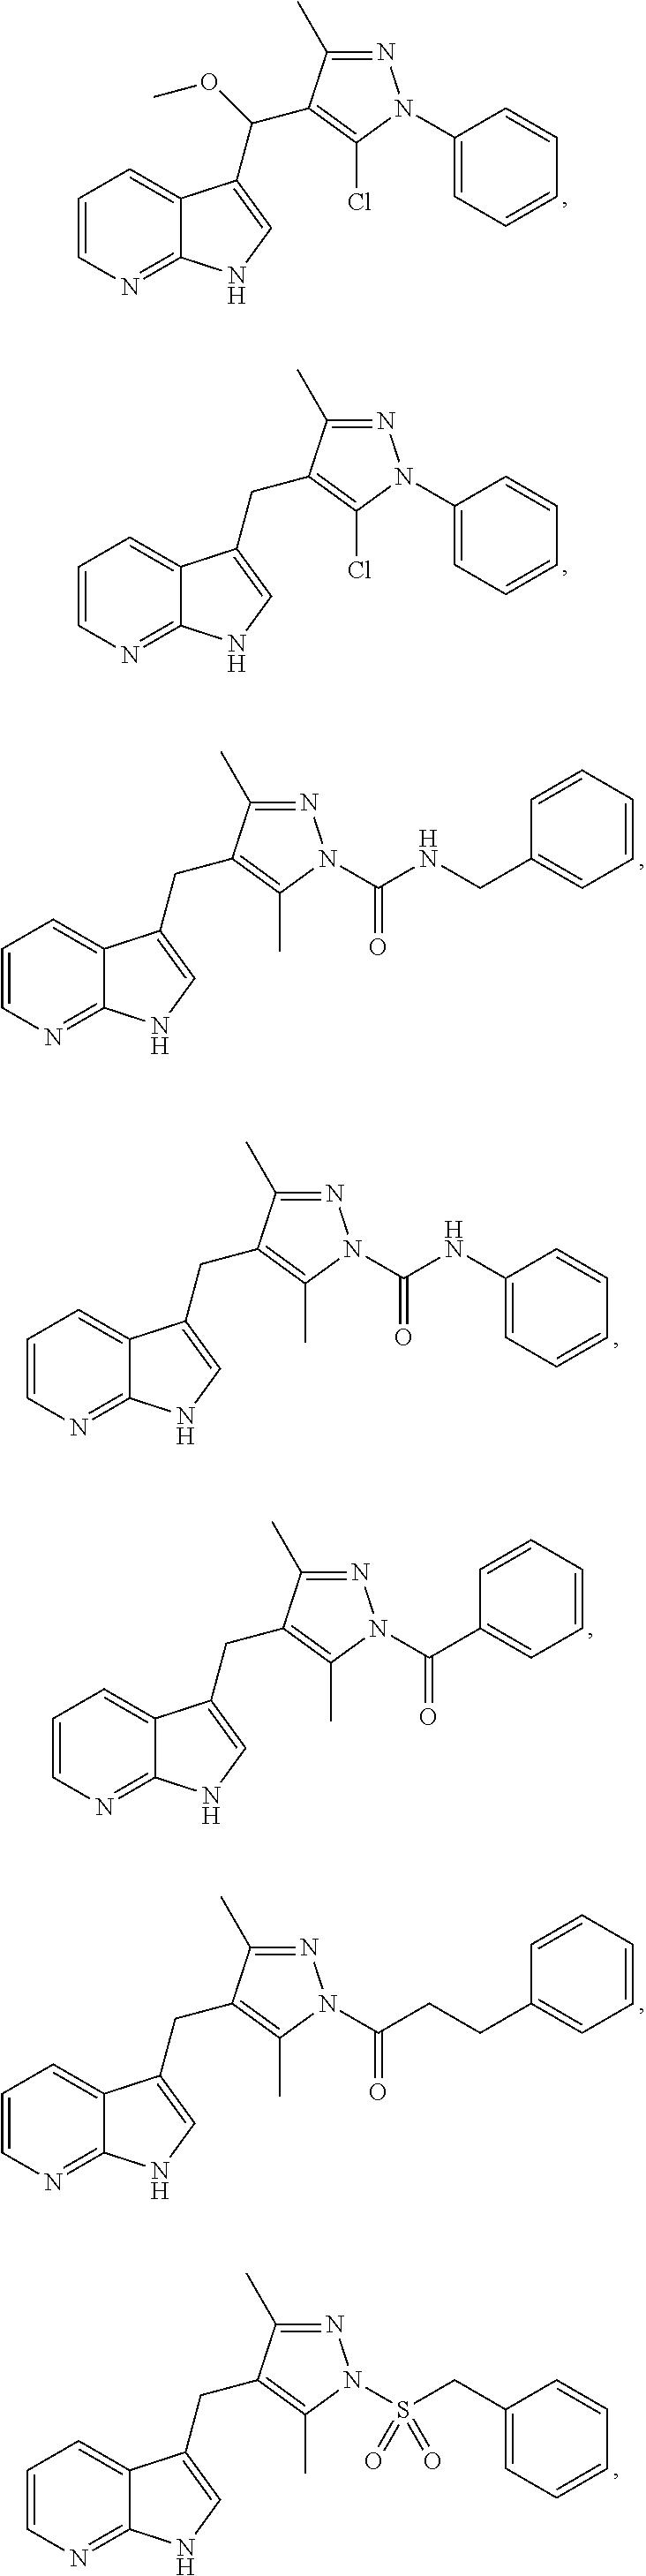 Figure US08404700-20130326-C00033